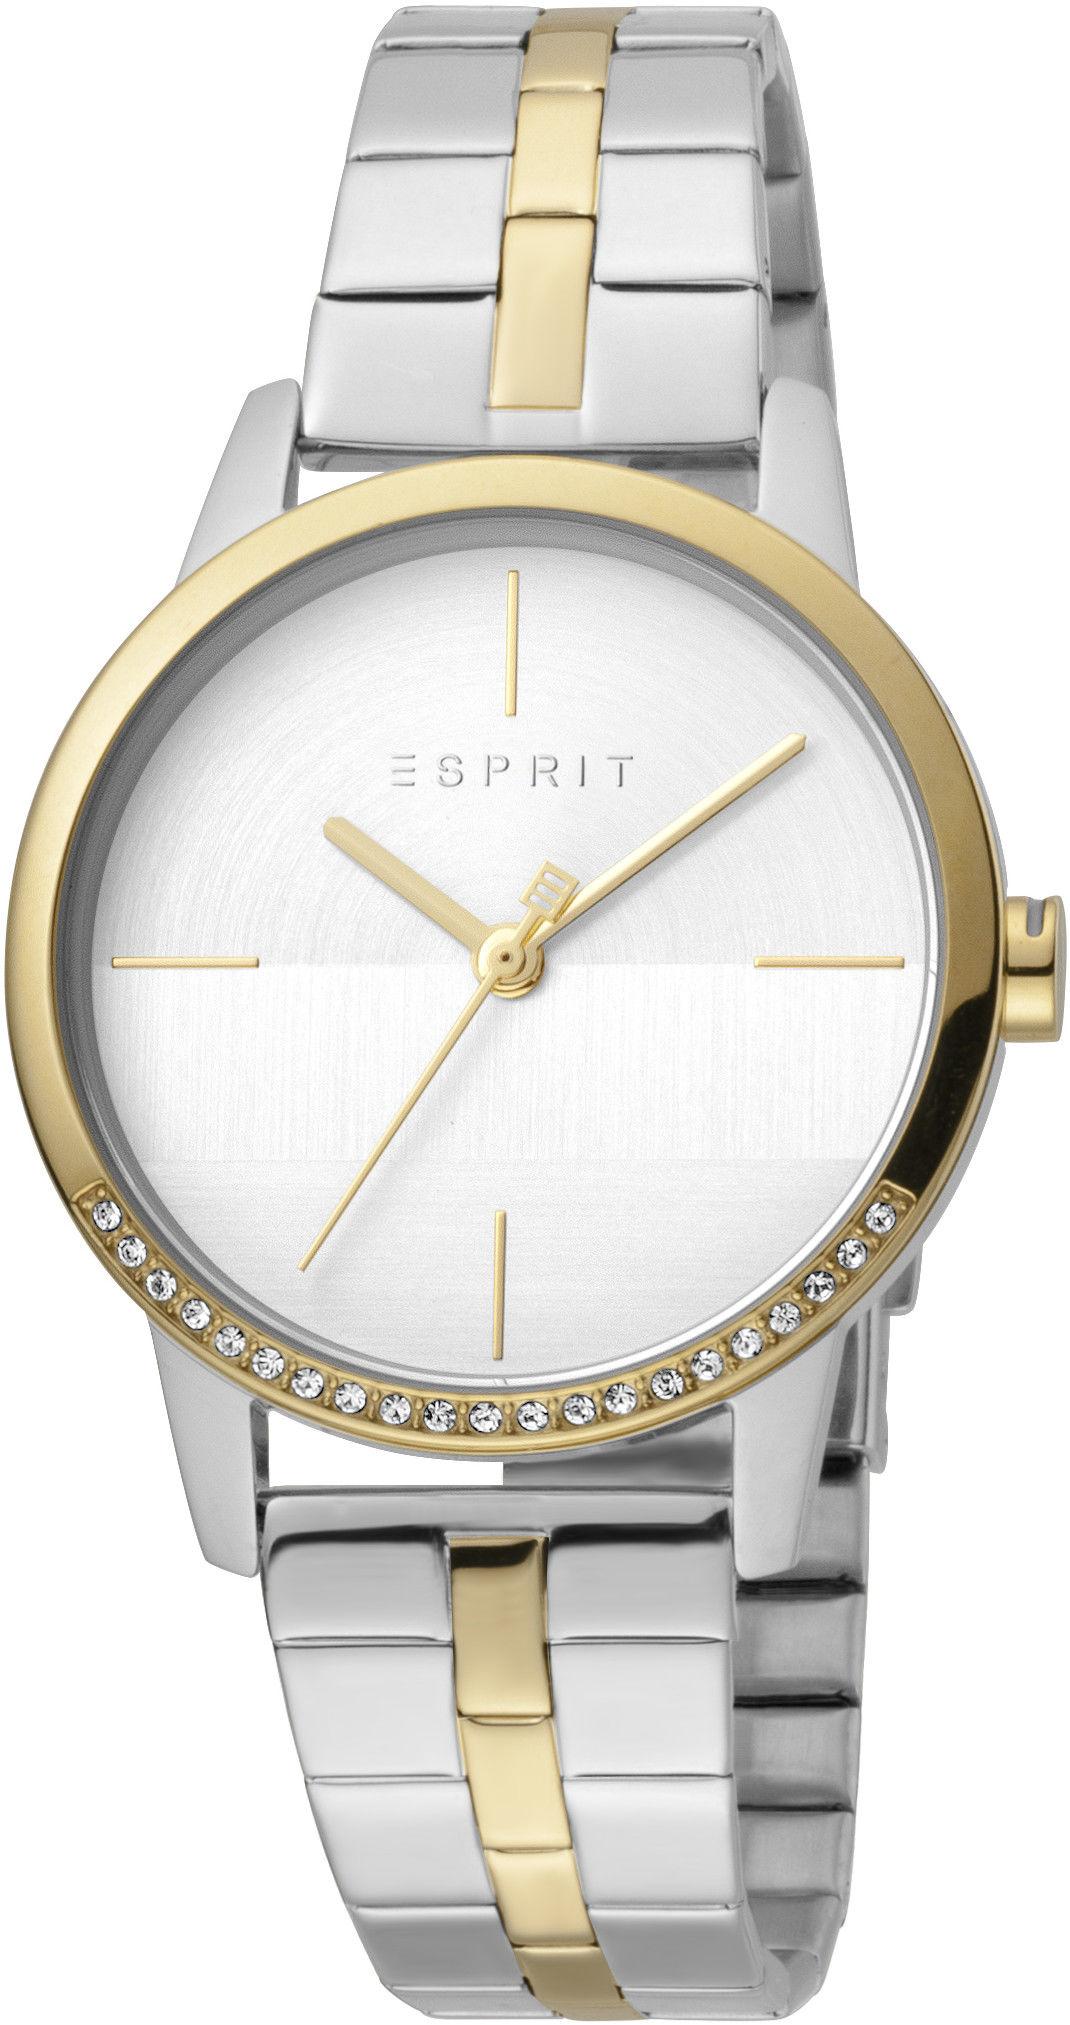 b0ba306ac Esprit Yen Silver Gold T/T MB ES1L106M0095. Dámské hodinky - ocelový  řemínek, ocel pouzdro, minerální sklíčko. Veškeré technické parametry  naleznete níže